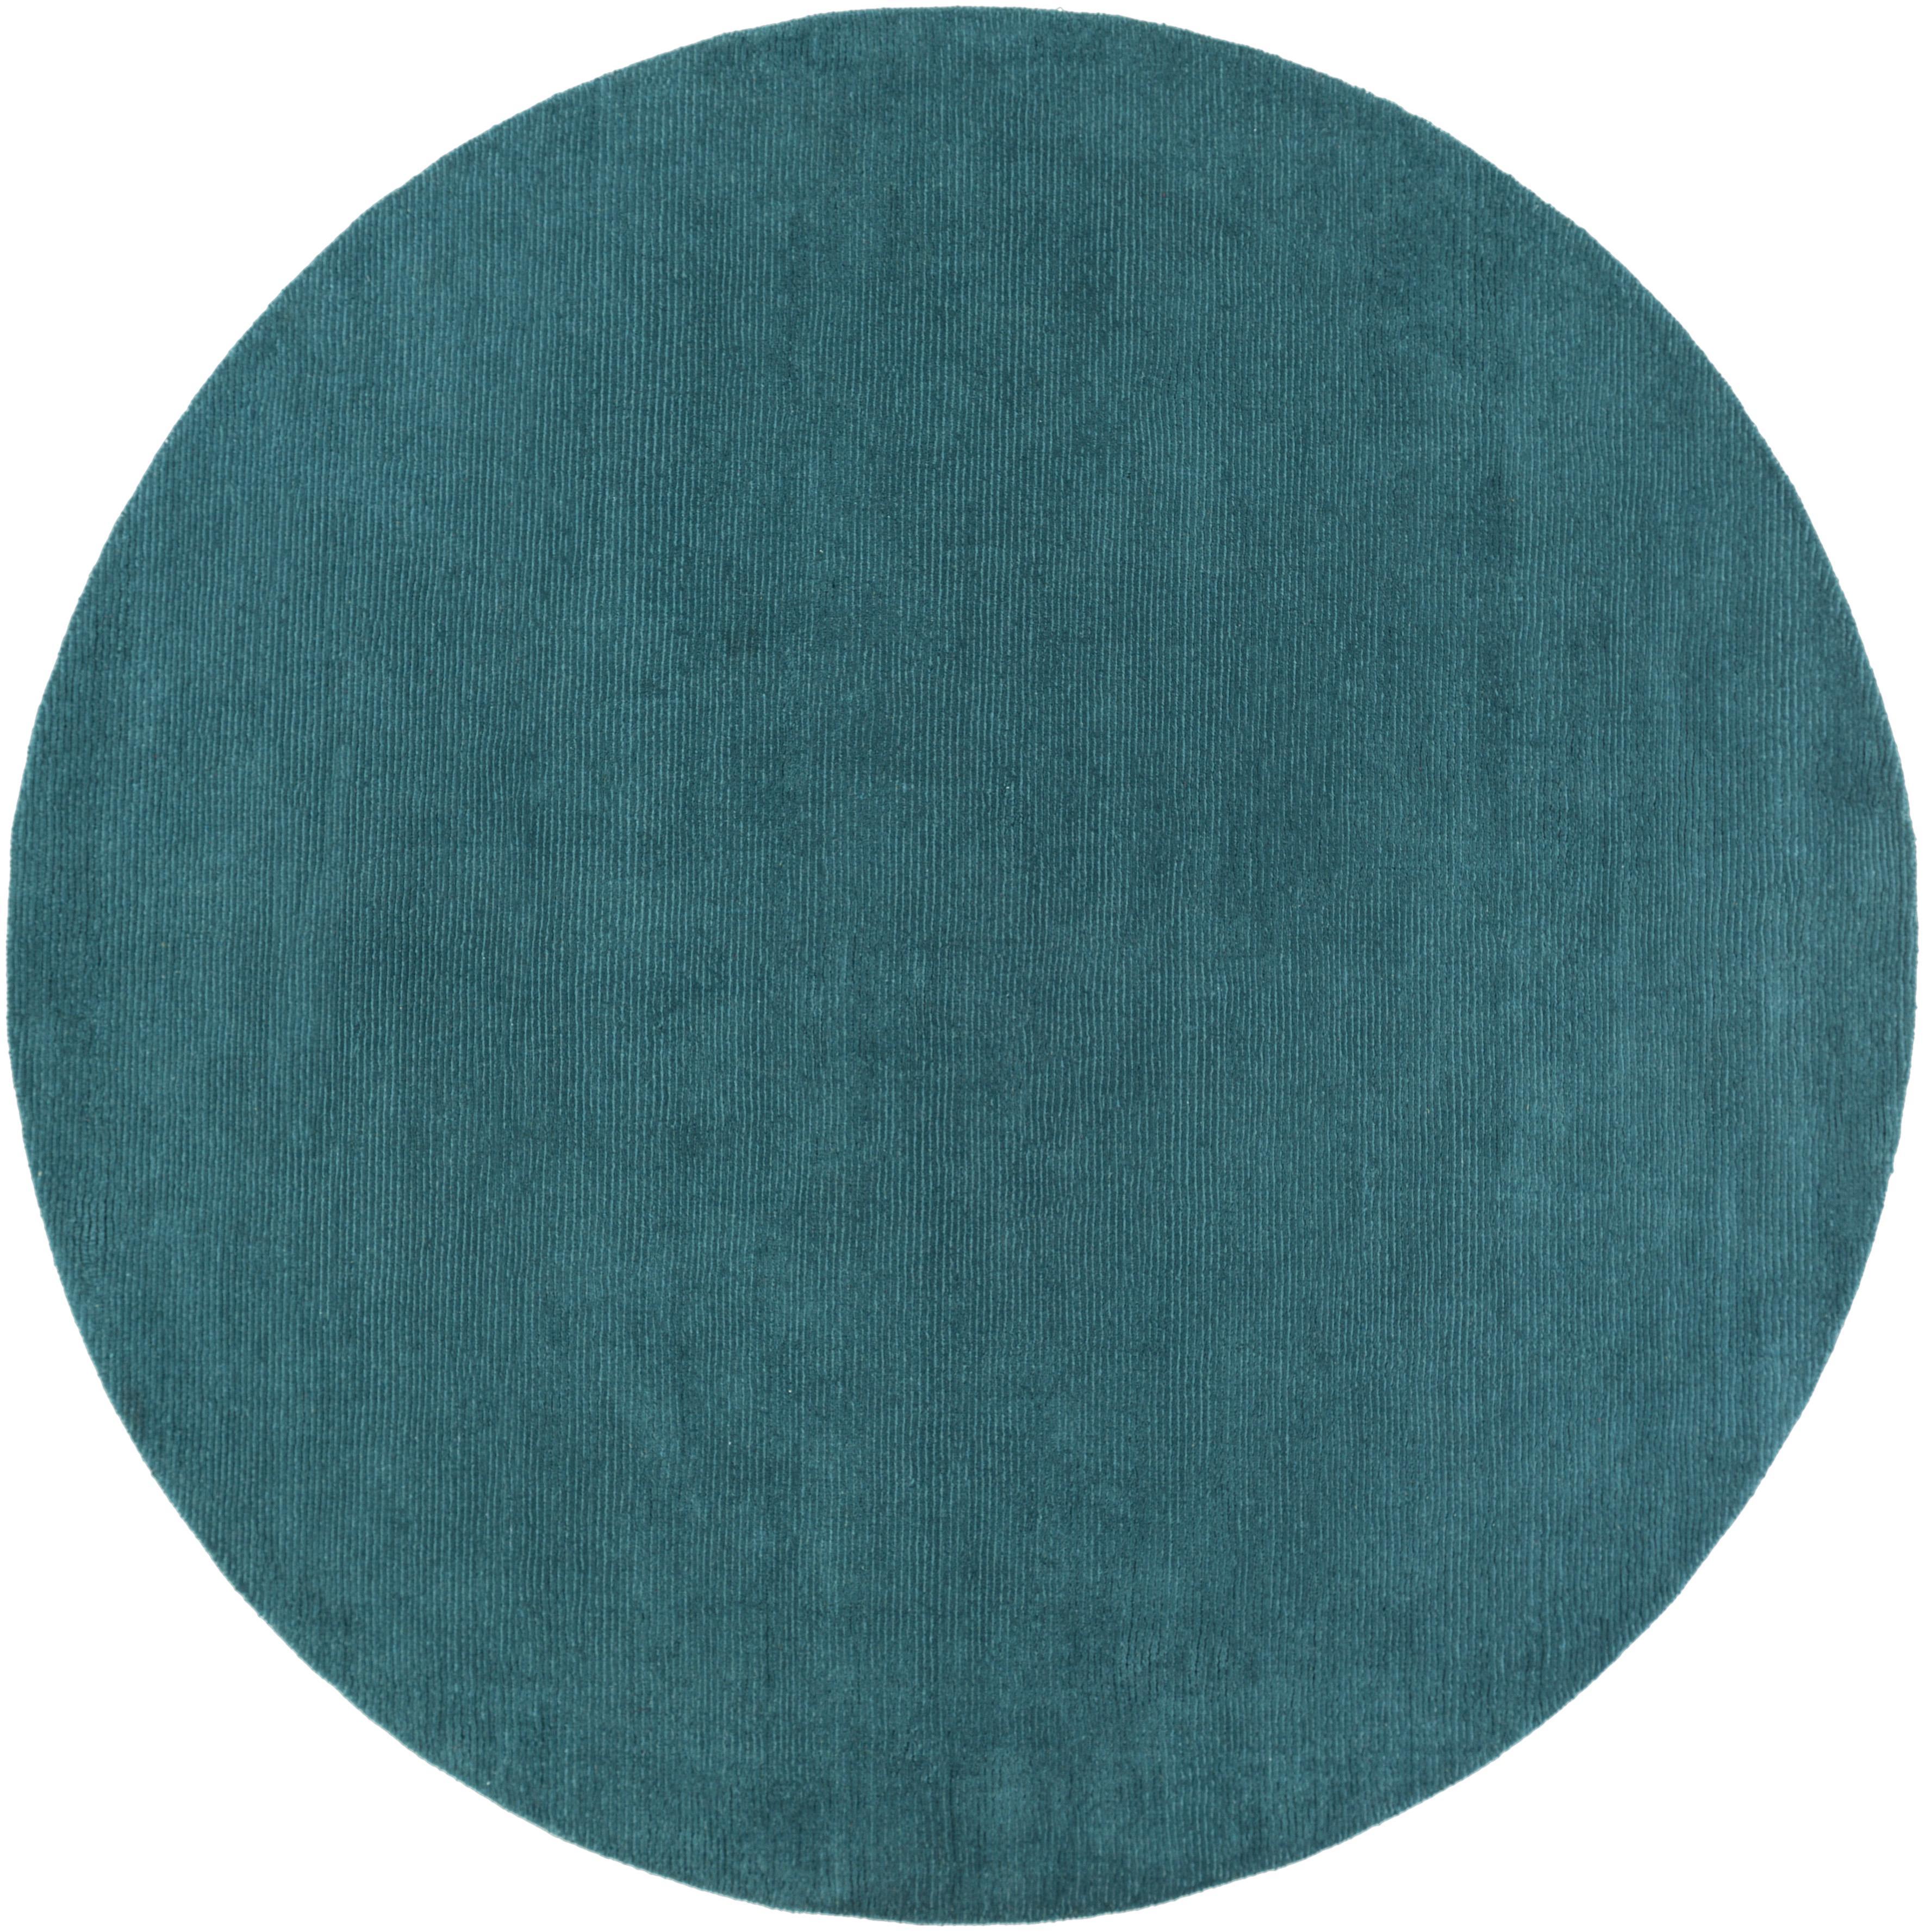 Surya Mystique 6' Round - Item Number: M5330-6RD